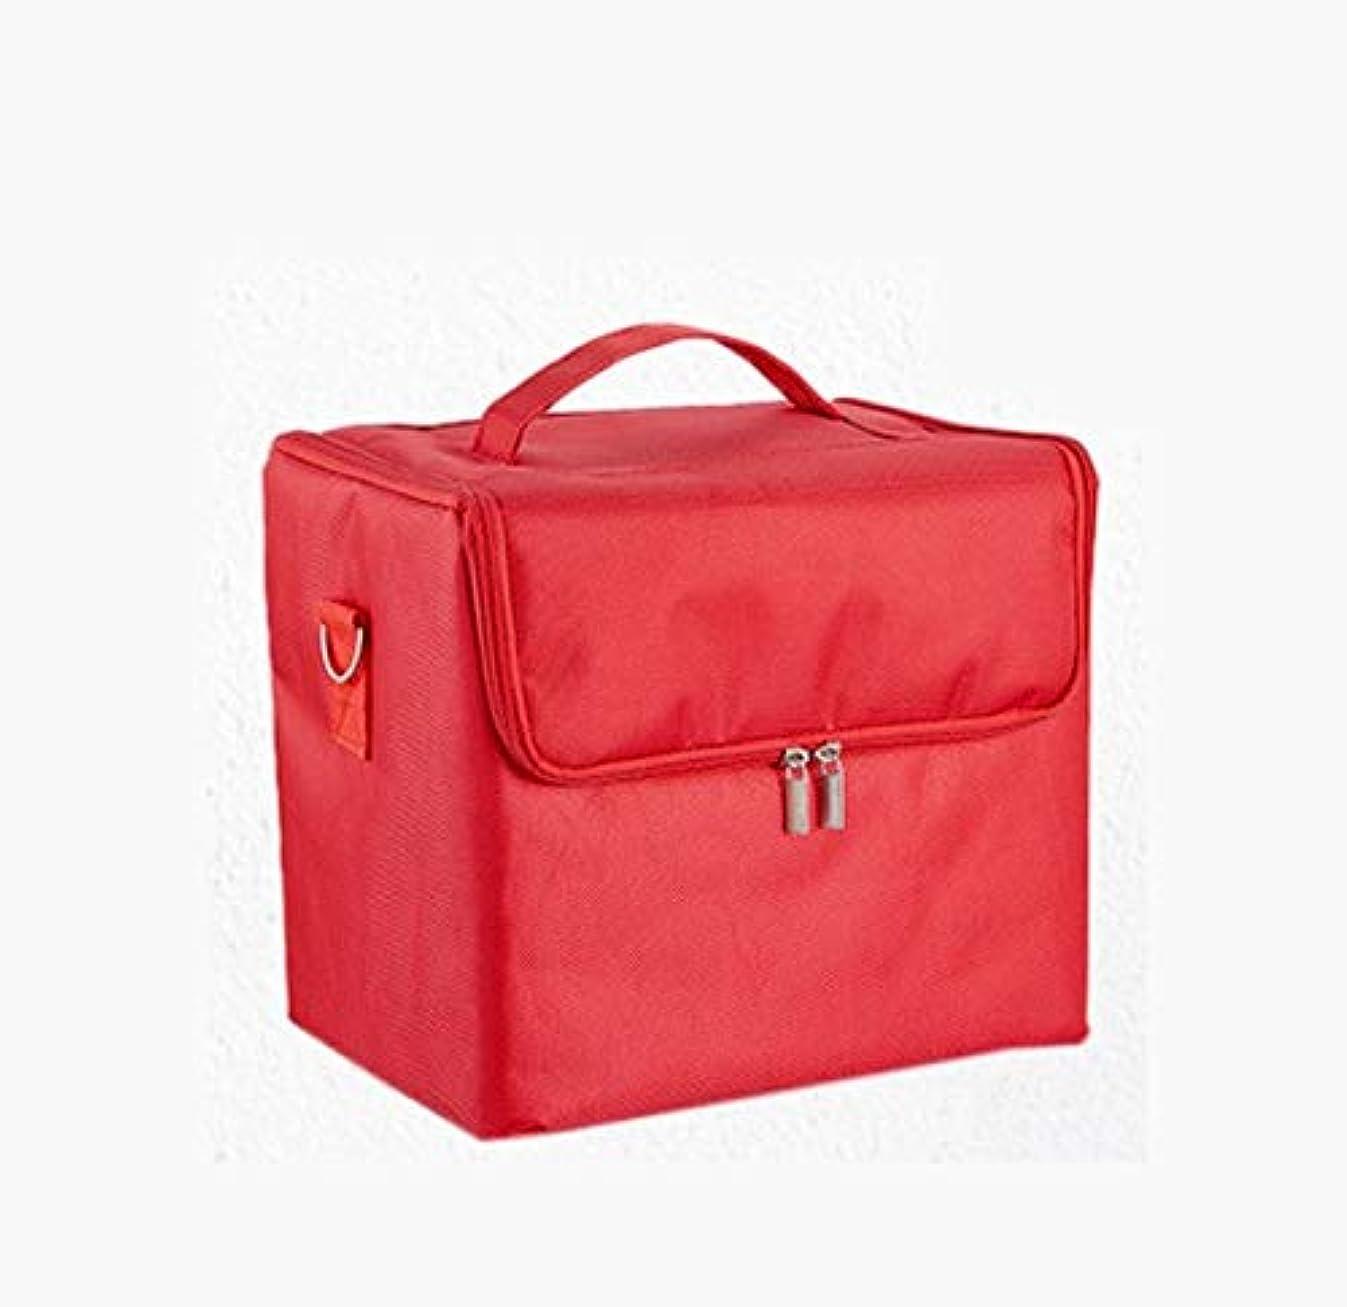 パイント米国デッド化粧箱、大容量多機能防水化粧品ケース、携帯用旅行化粧品袋収納袋、美容化粧ネイルジュエリー収納箱 (Color : Red)